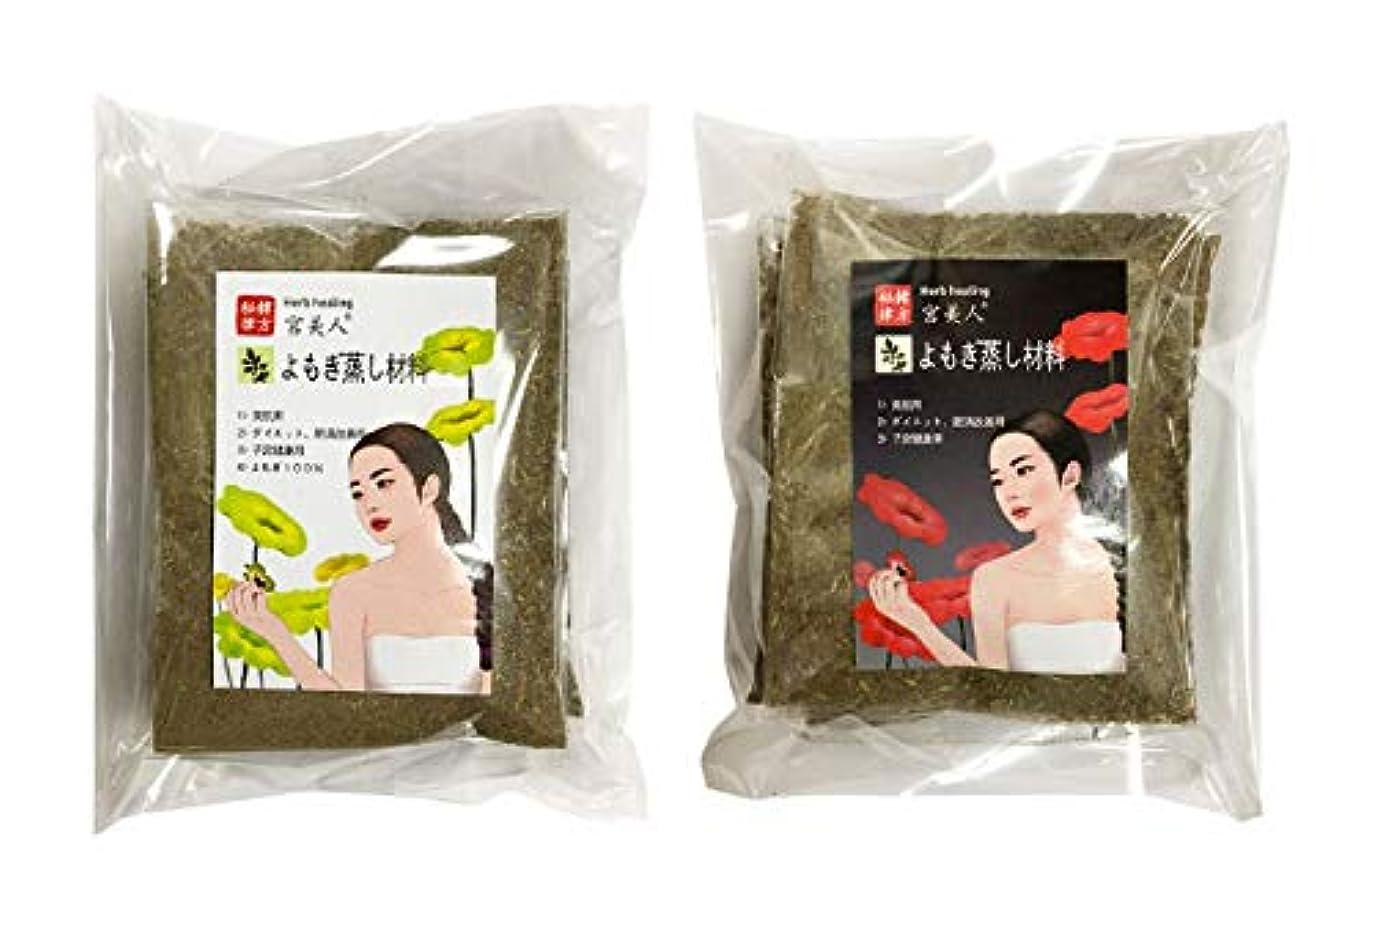 ヨモギ蒸しの座浴材、子宮健康用30グラム10個,300g 10回分